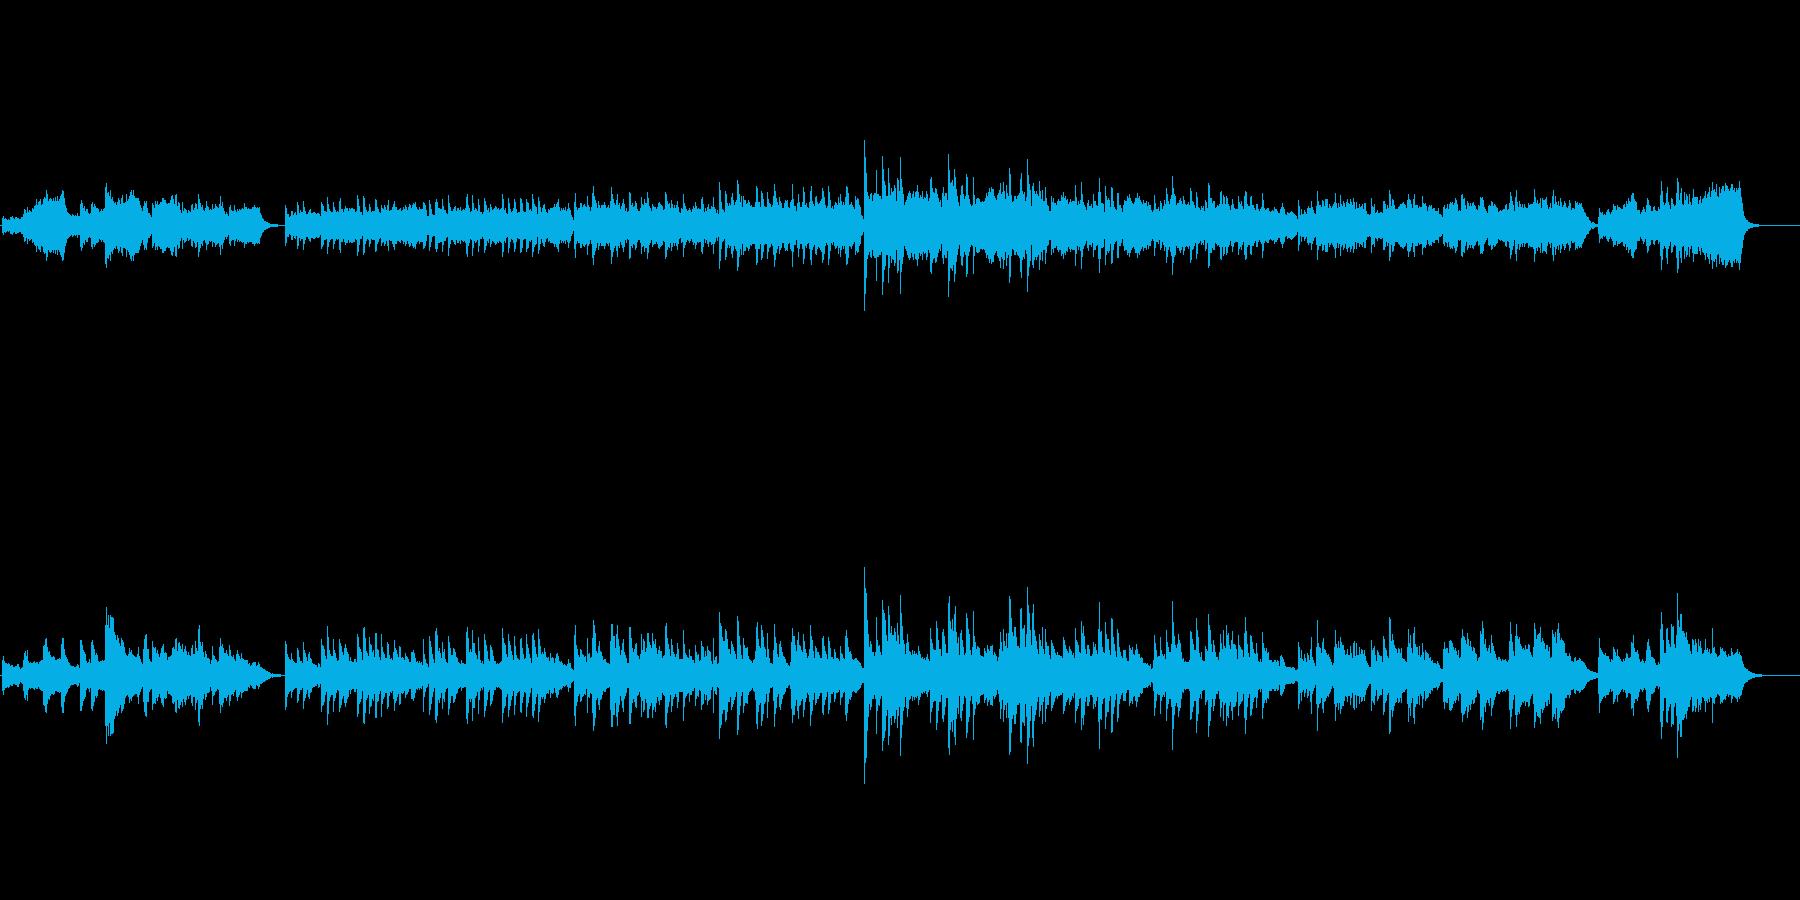 ドラマのテーマ曲風(美しいピアノ)の再生済みの波形